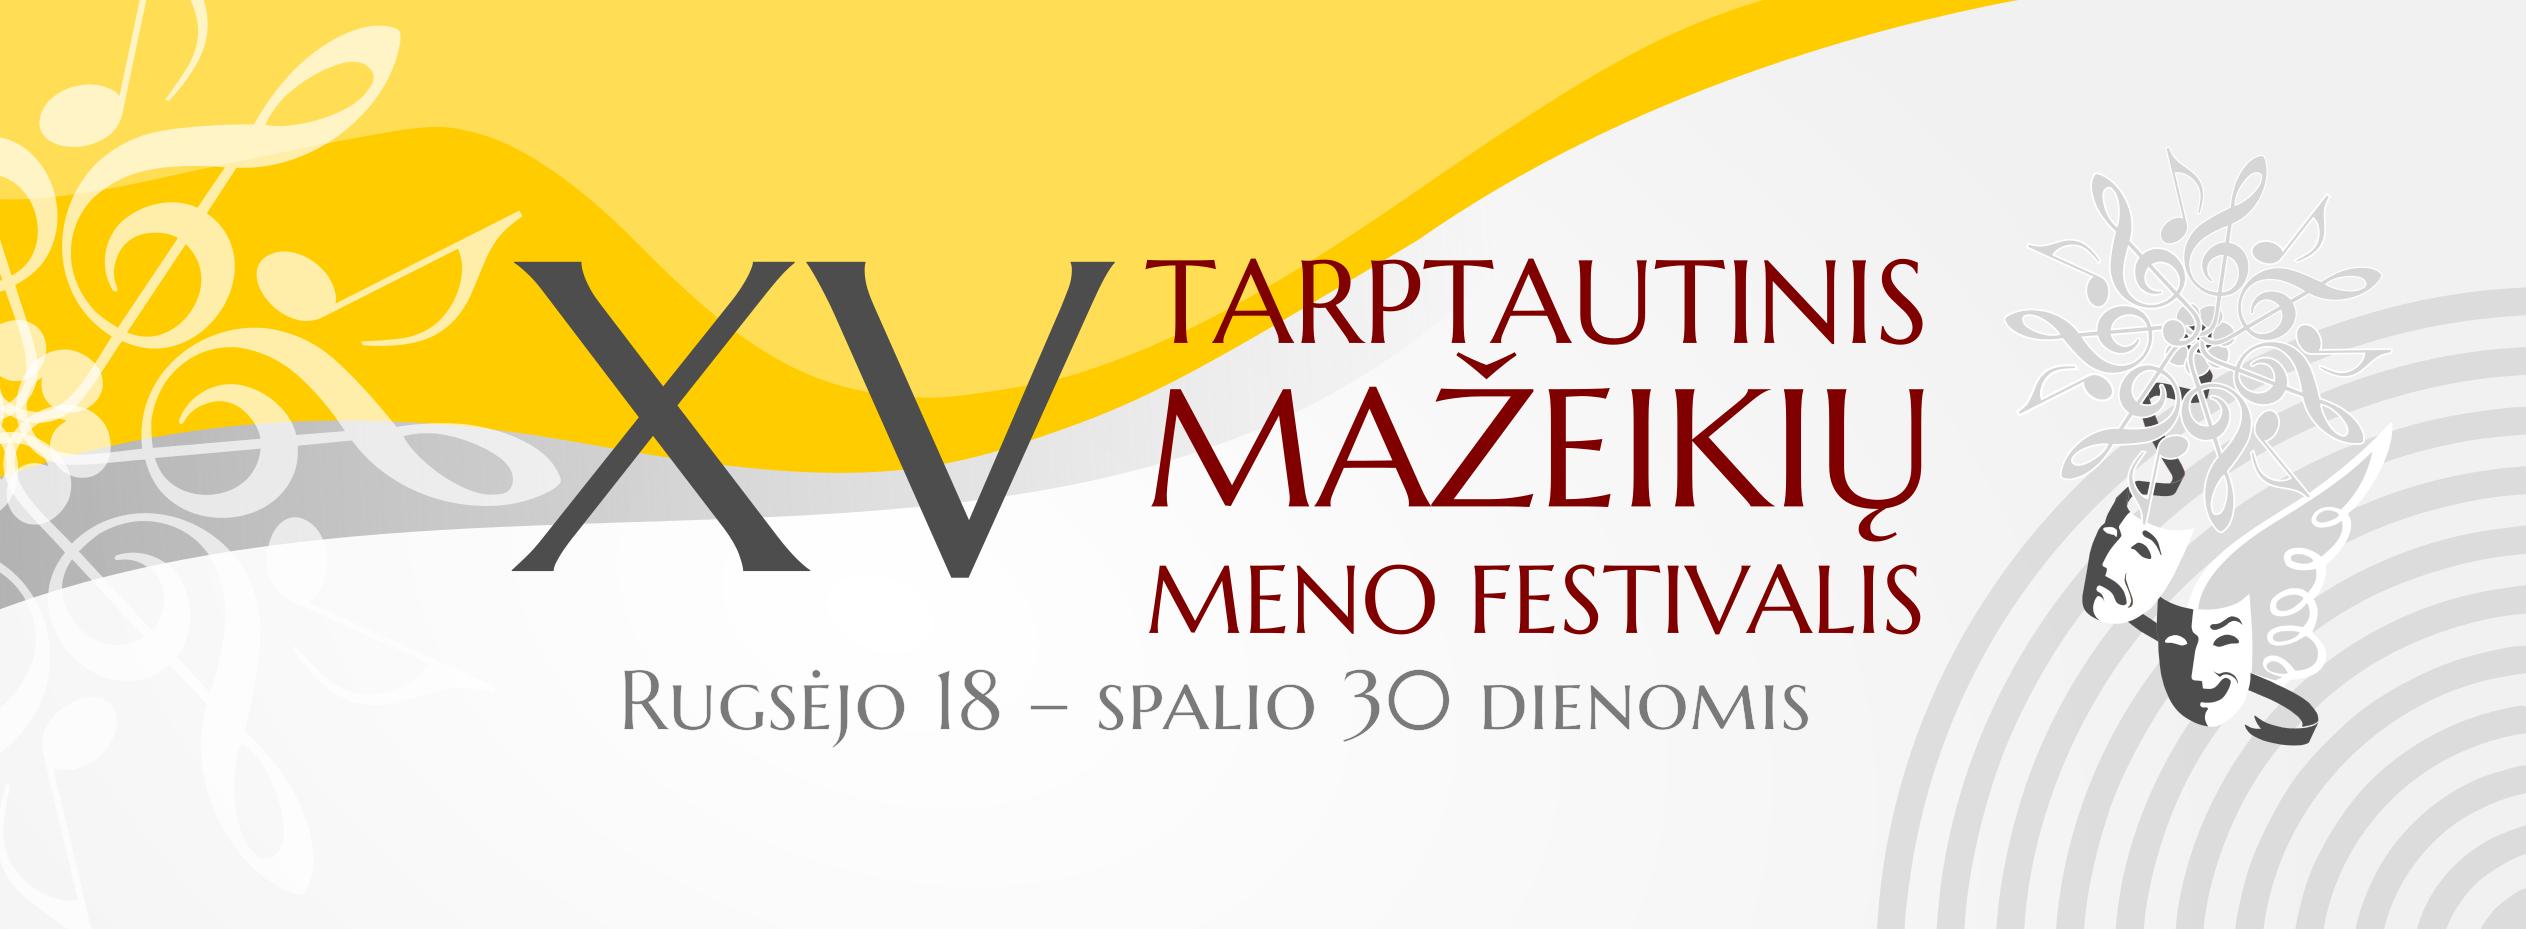 Festivalis